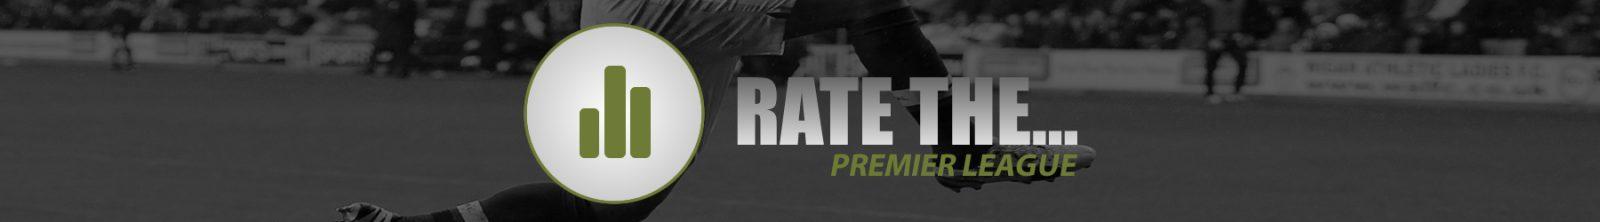 Rate The Premier League